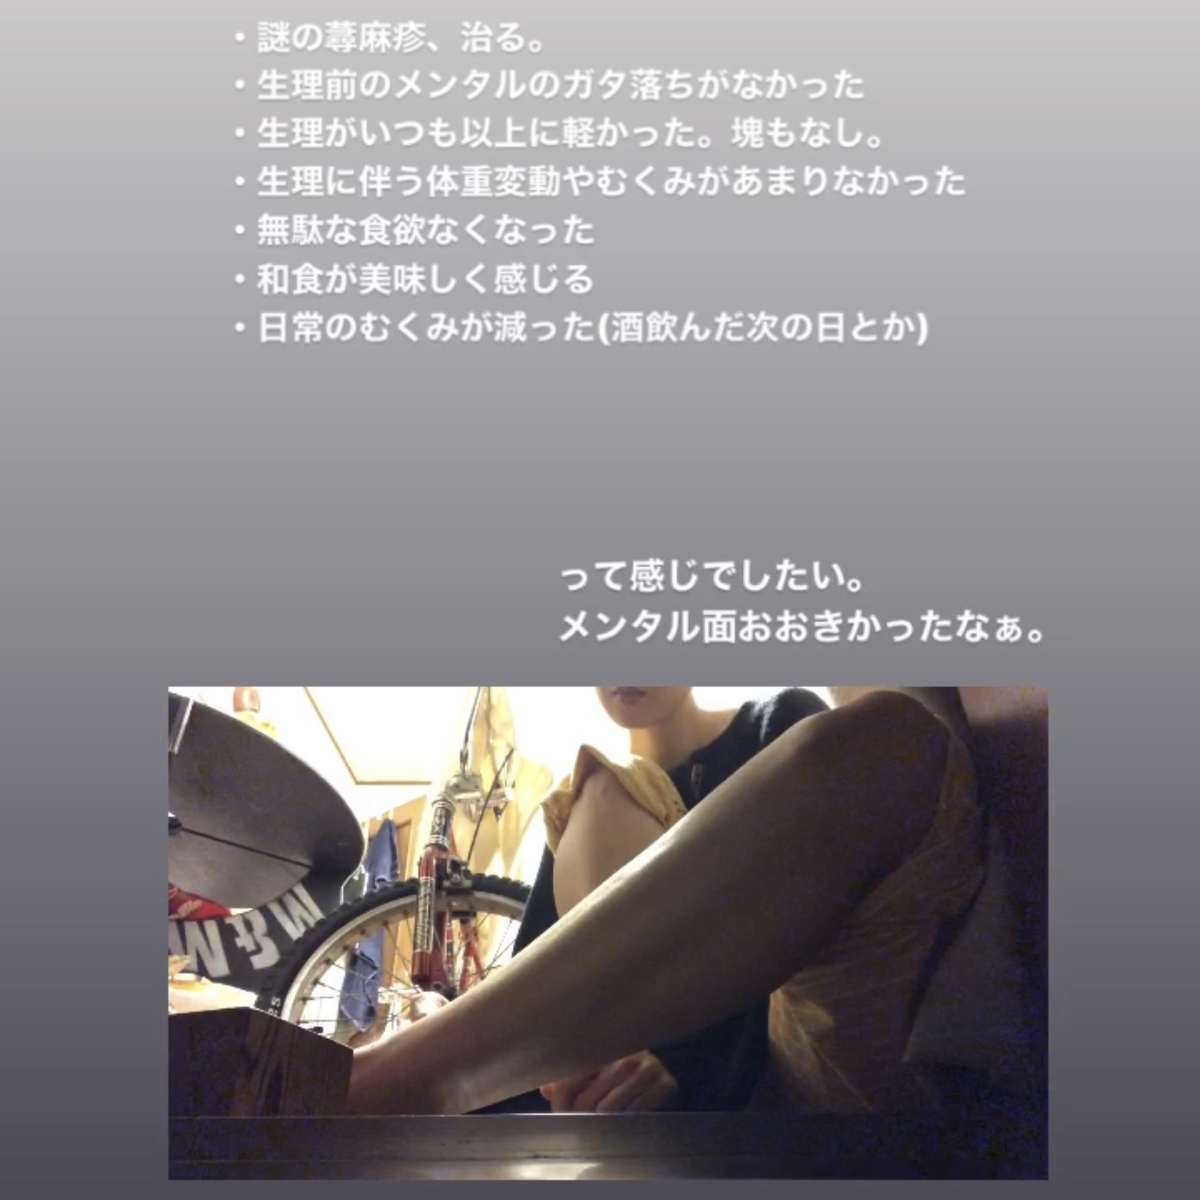 f:id:tukihi3ri:20191206210720j:plain